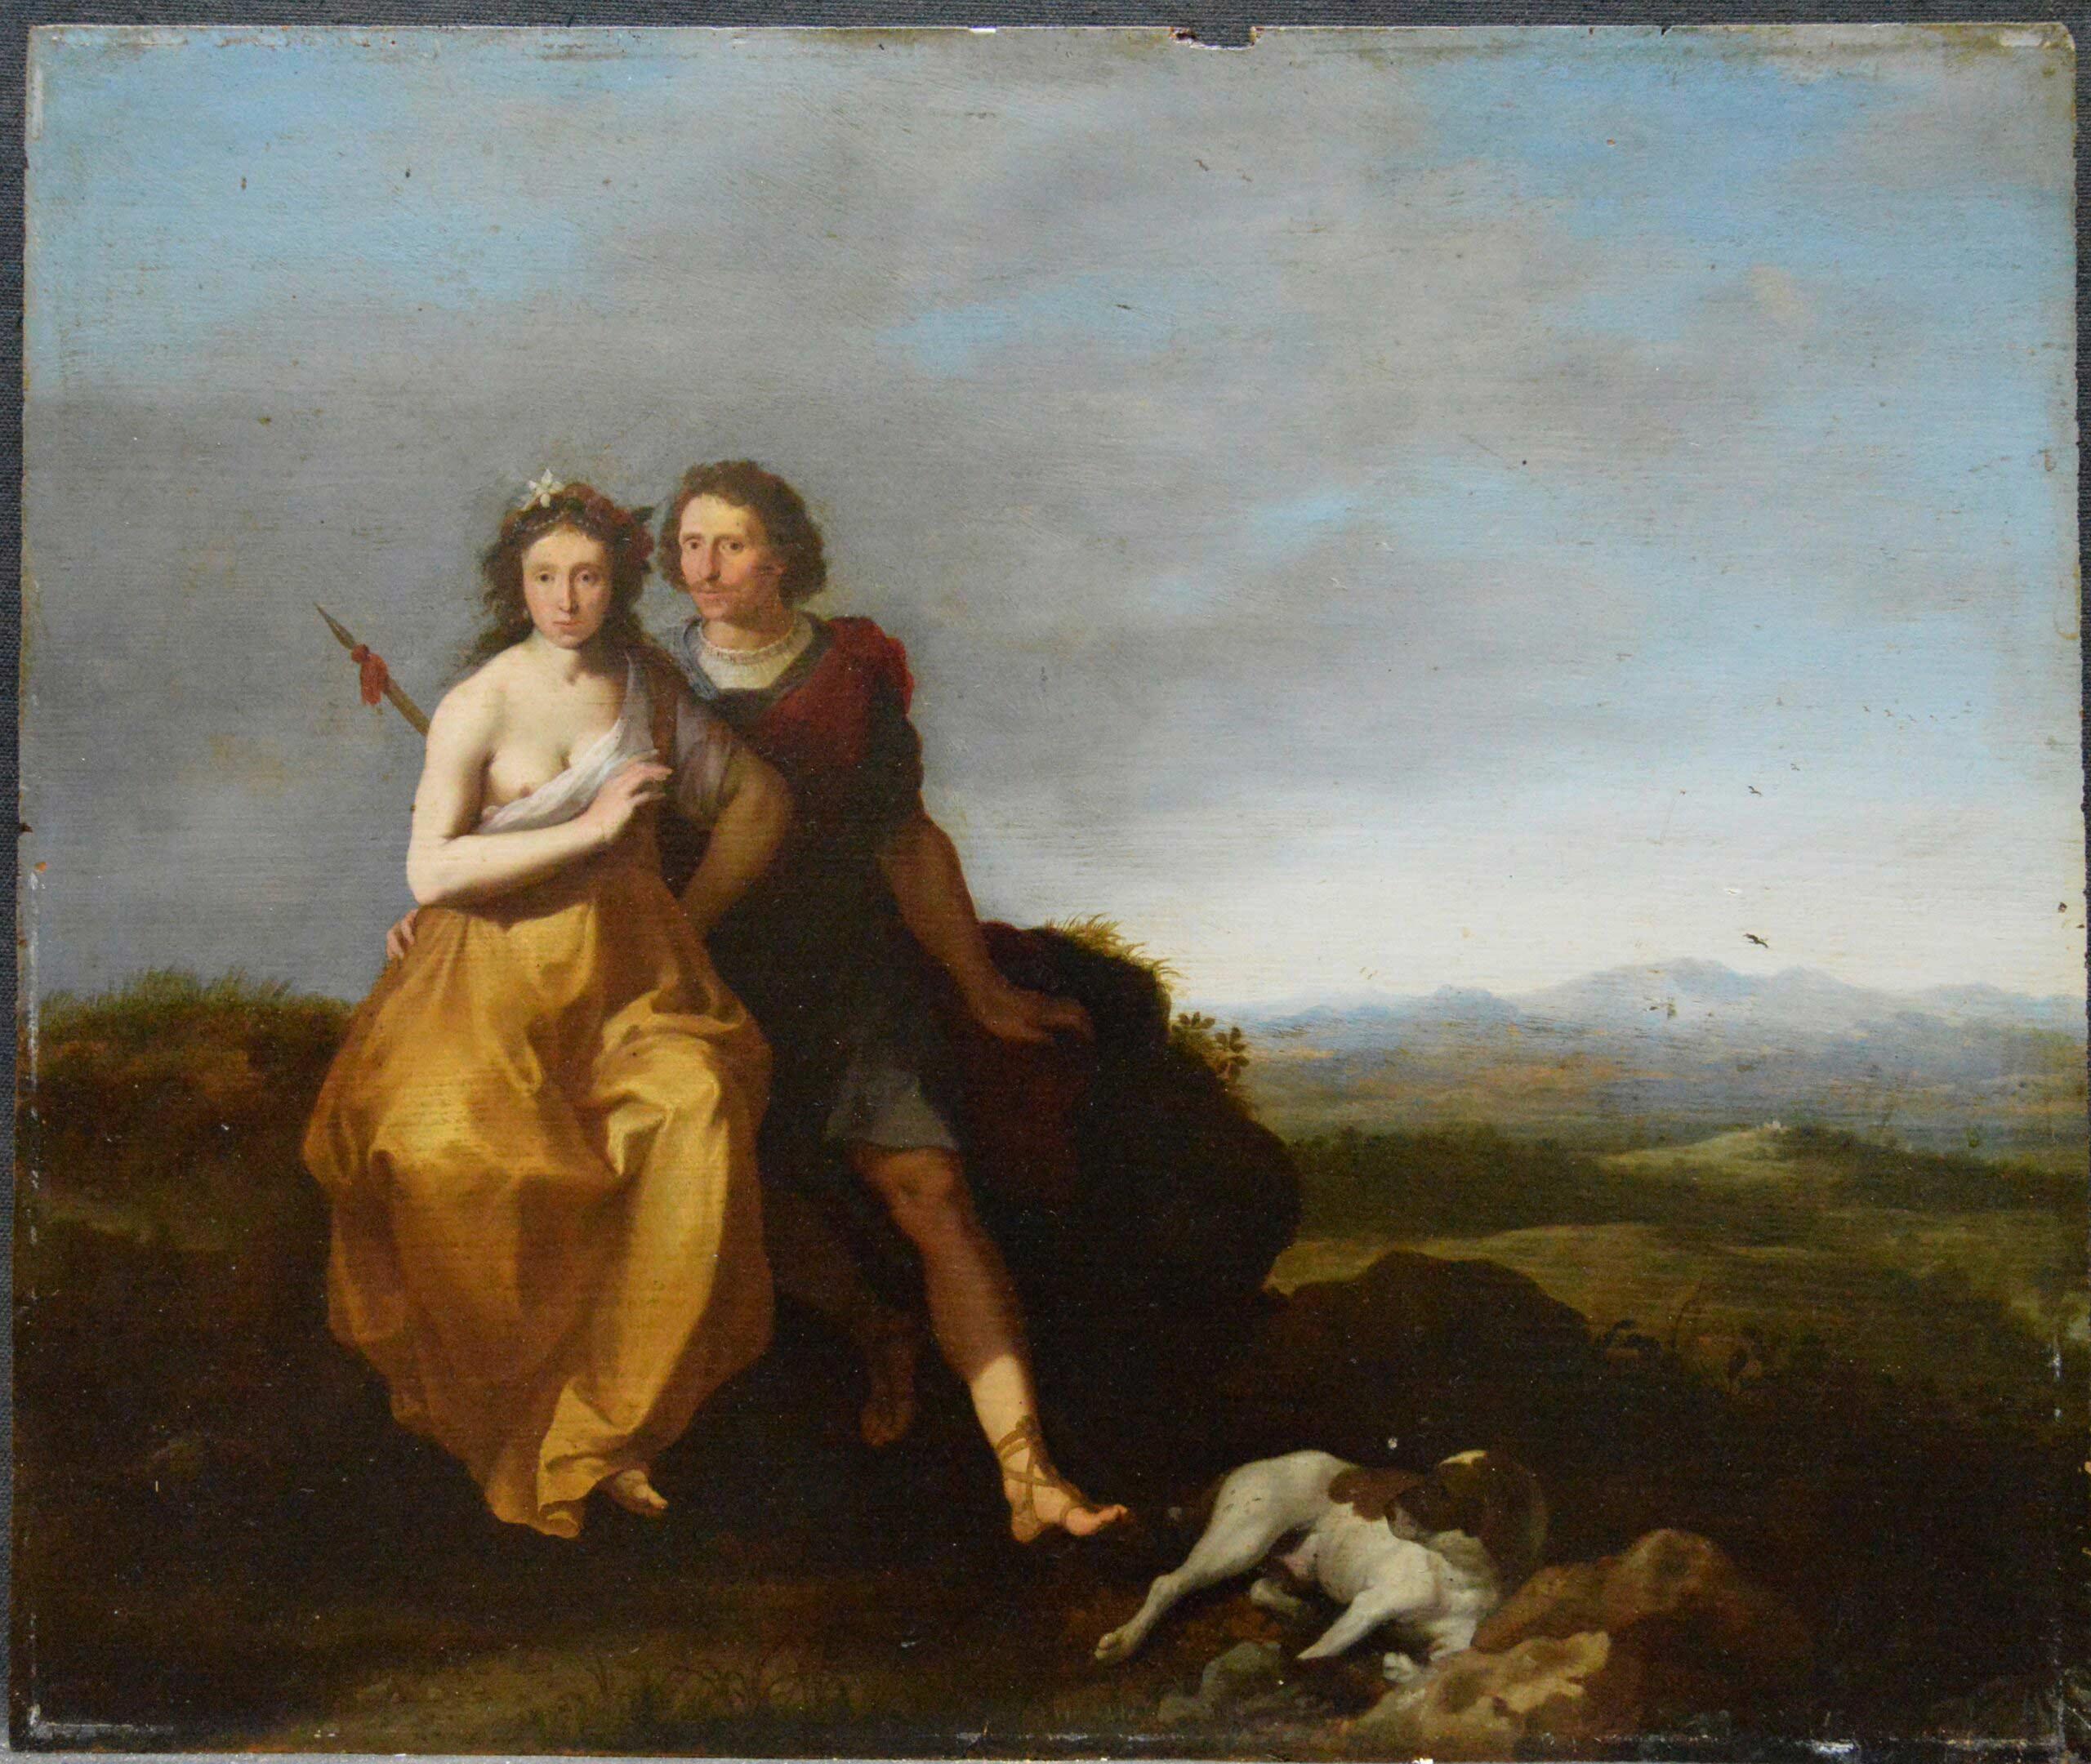 Portrait de couple en bergers dans un paysage, panneau de chêne